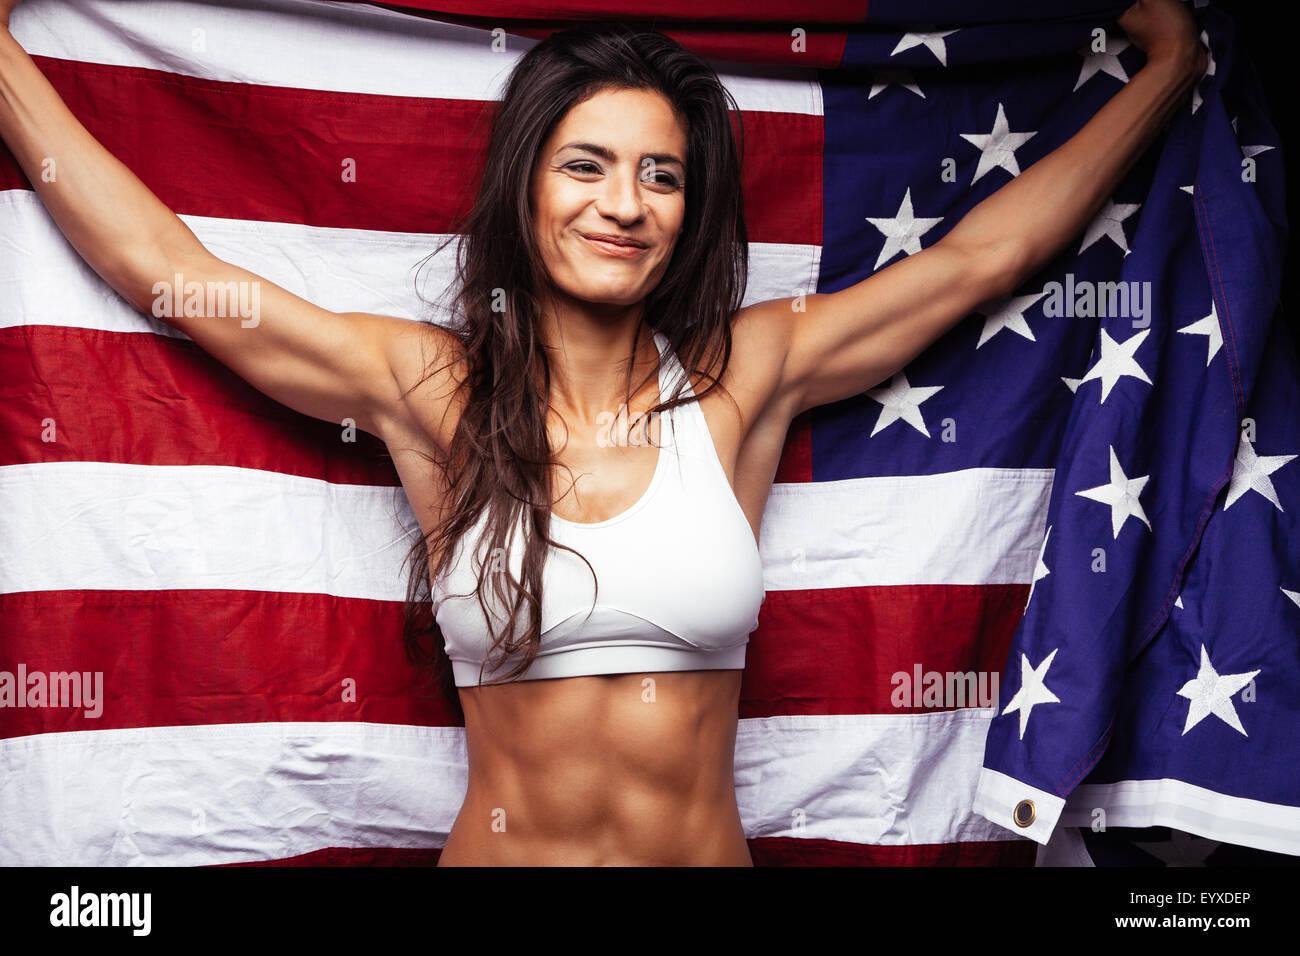 Portrait of happy young woman in sportswear holding drapeau américain en souriant. Mettre en place l'athlète féminine Banque D'Images